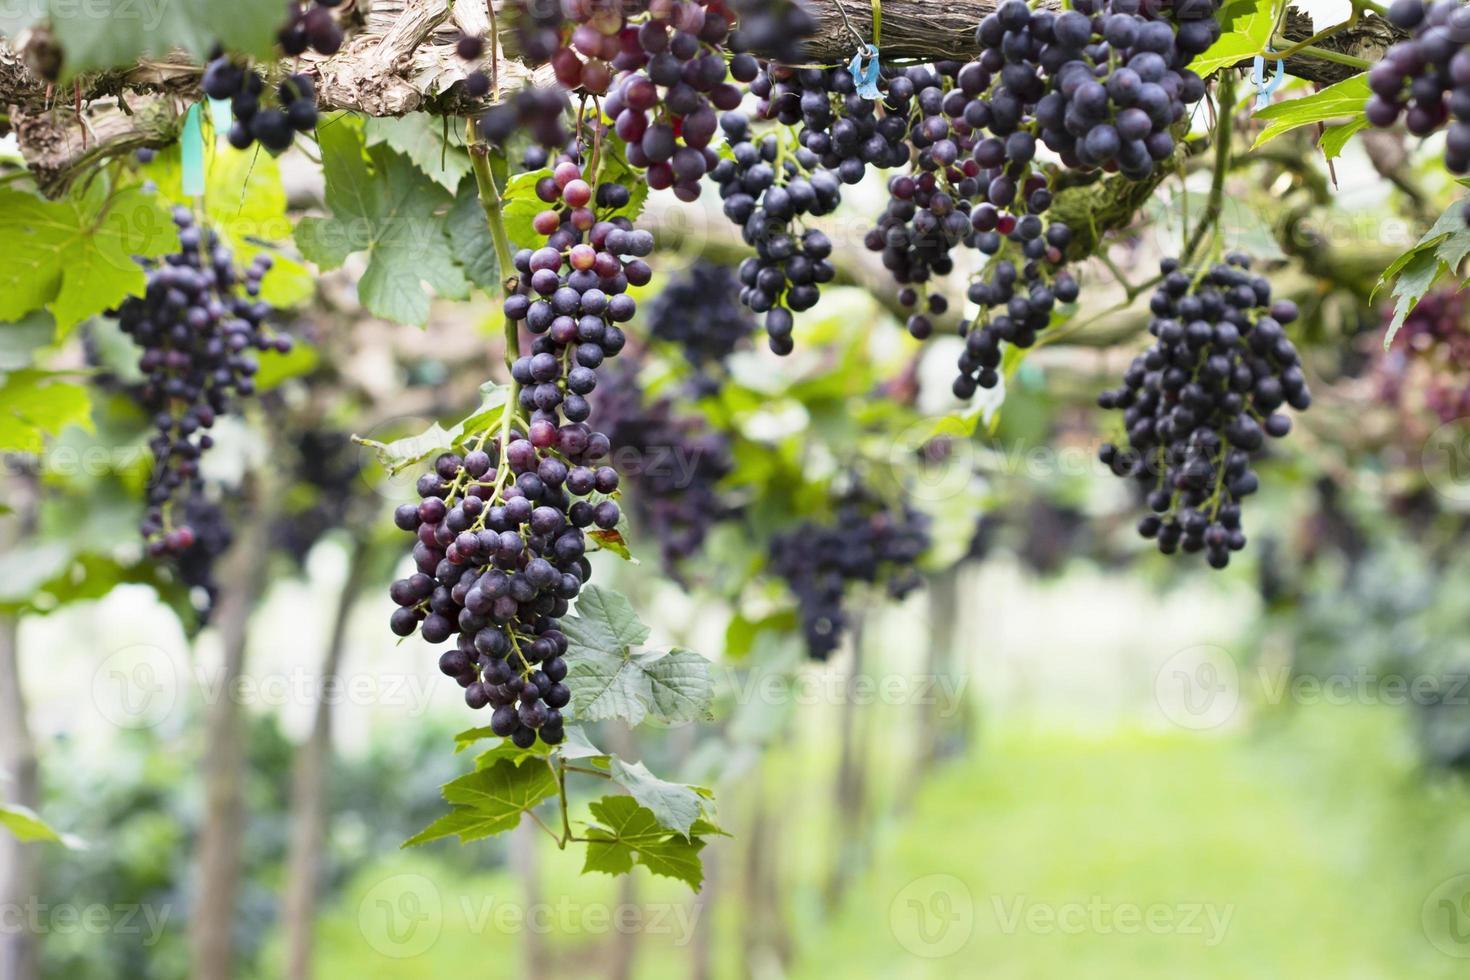 druiven met groene bladeren in de tuin foto